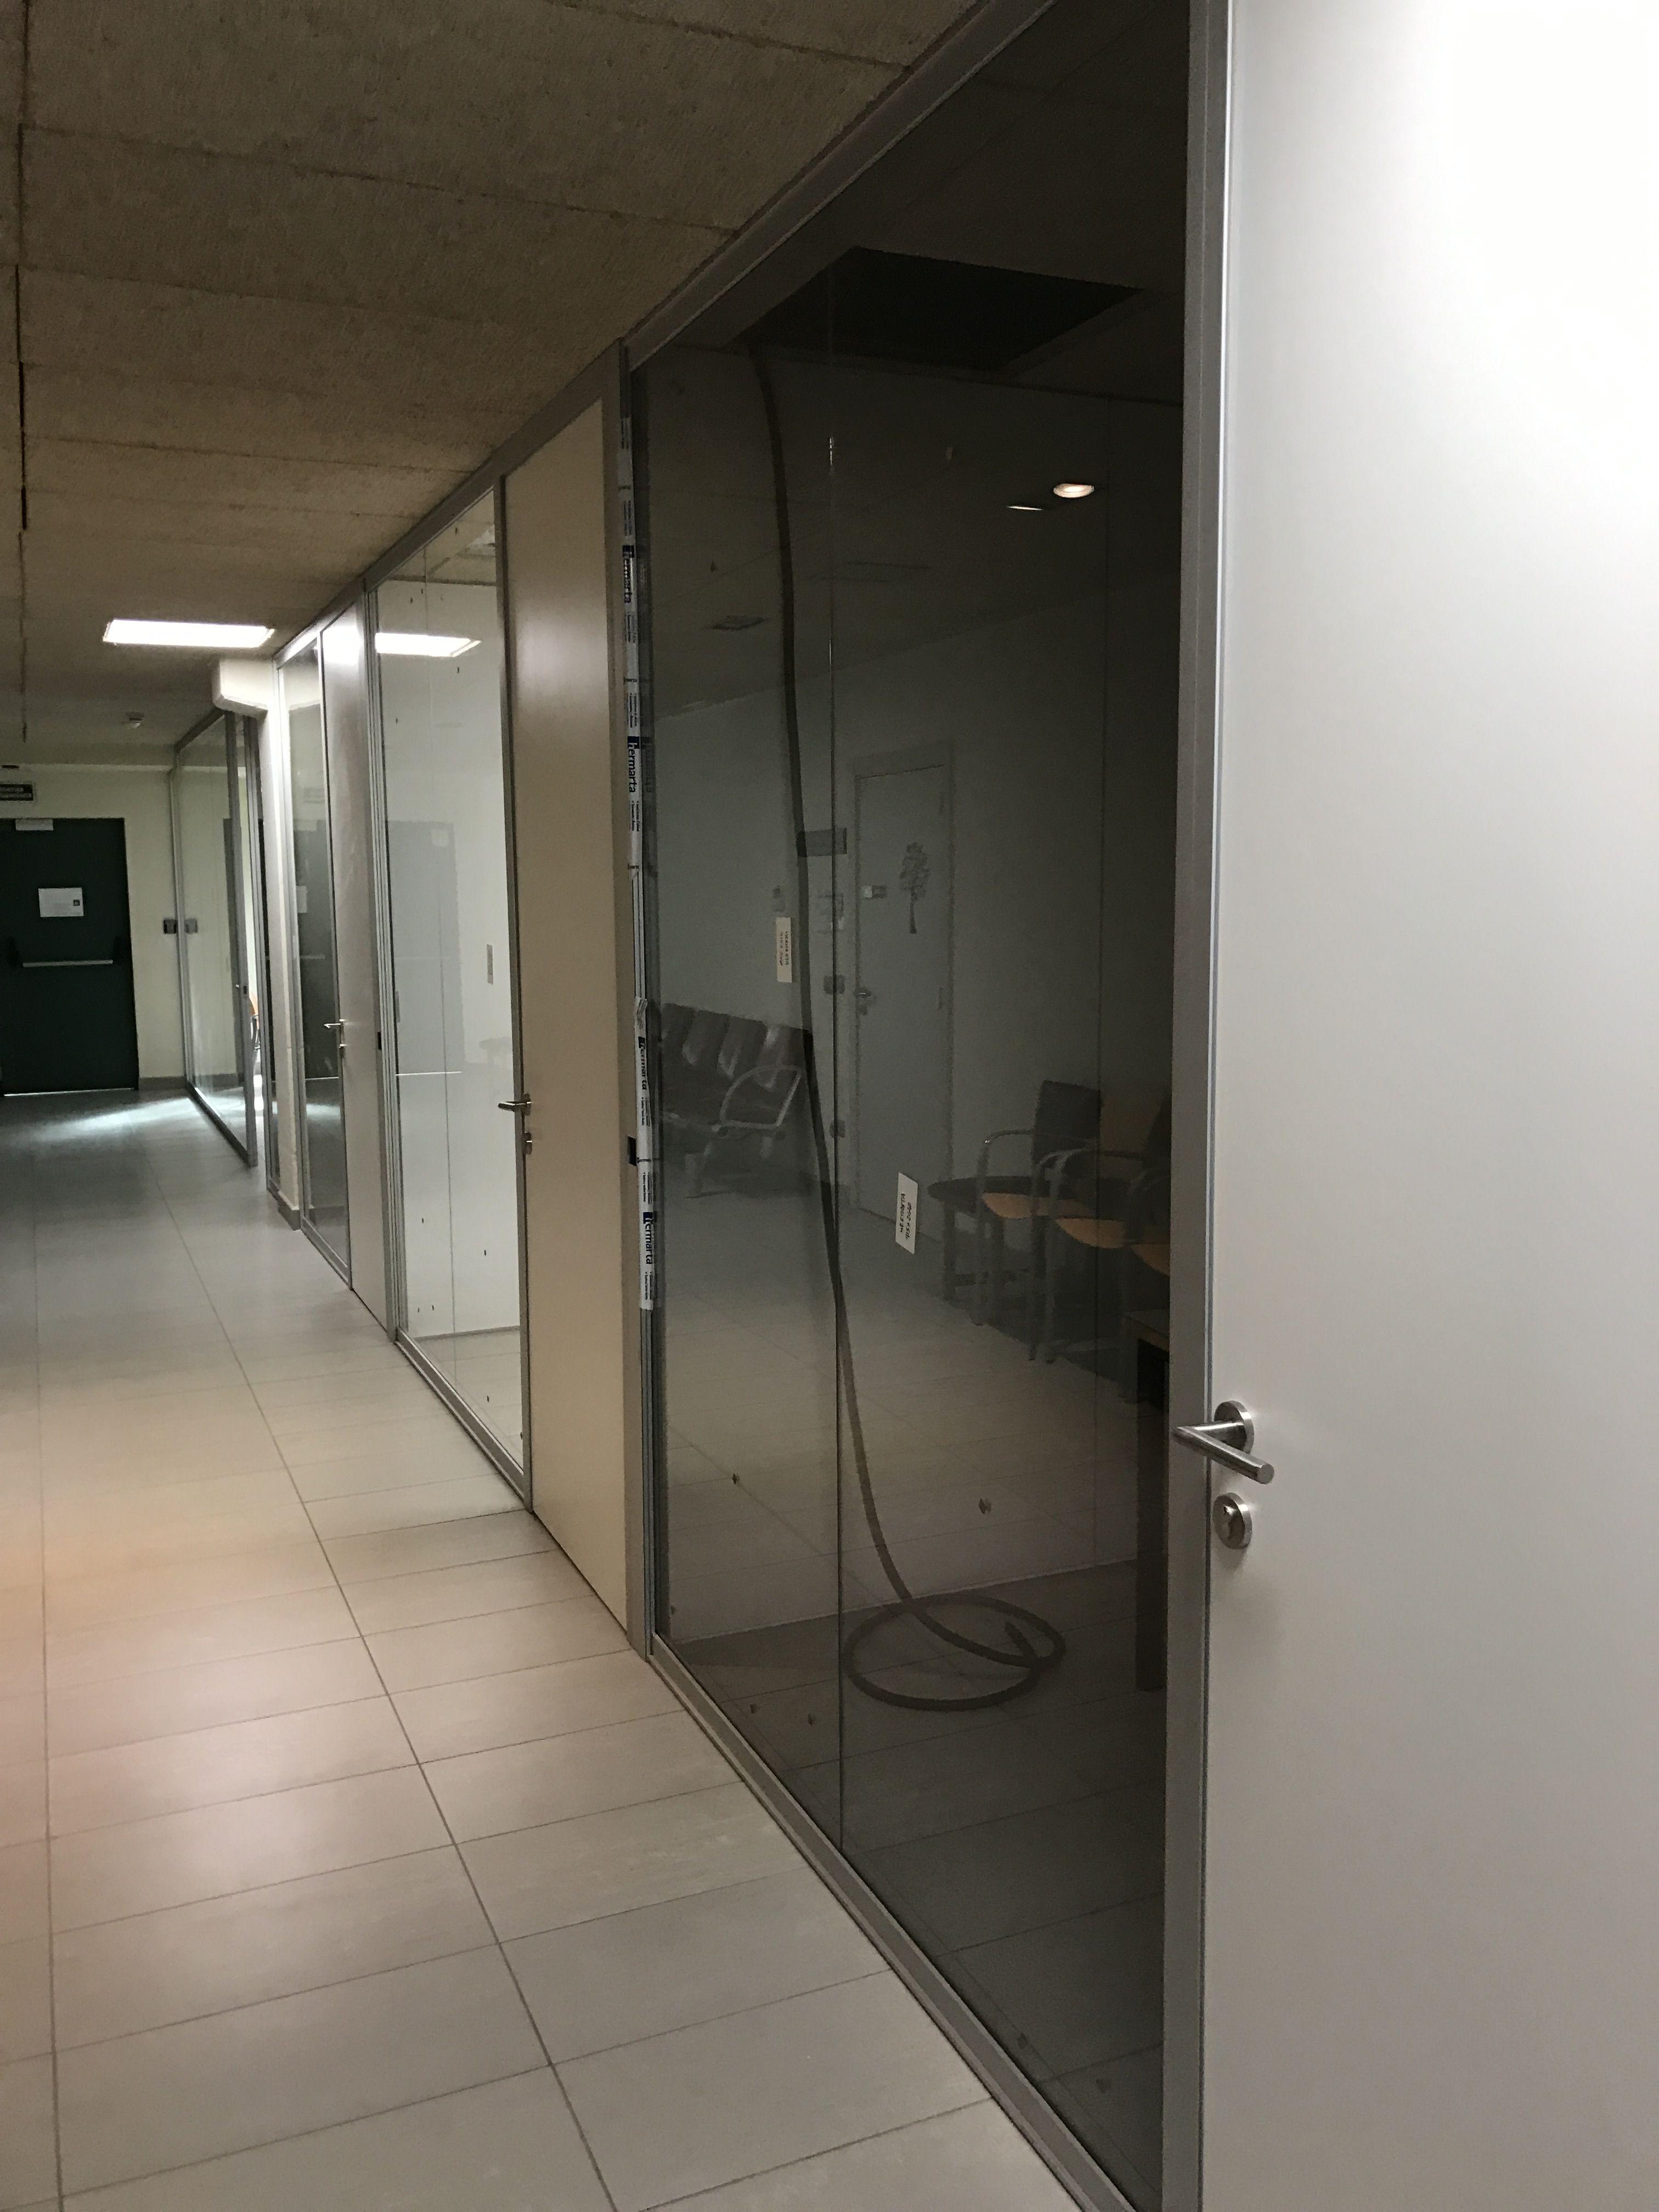 Foto 40 de Carpintería de aluminio, metálica y PVC en Terrassa | Tancaments Cusidó